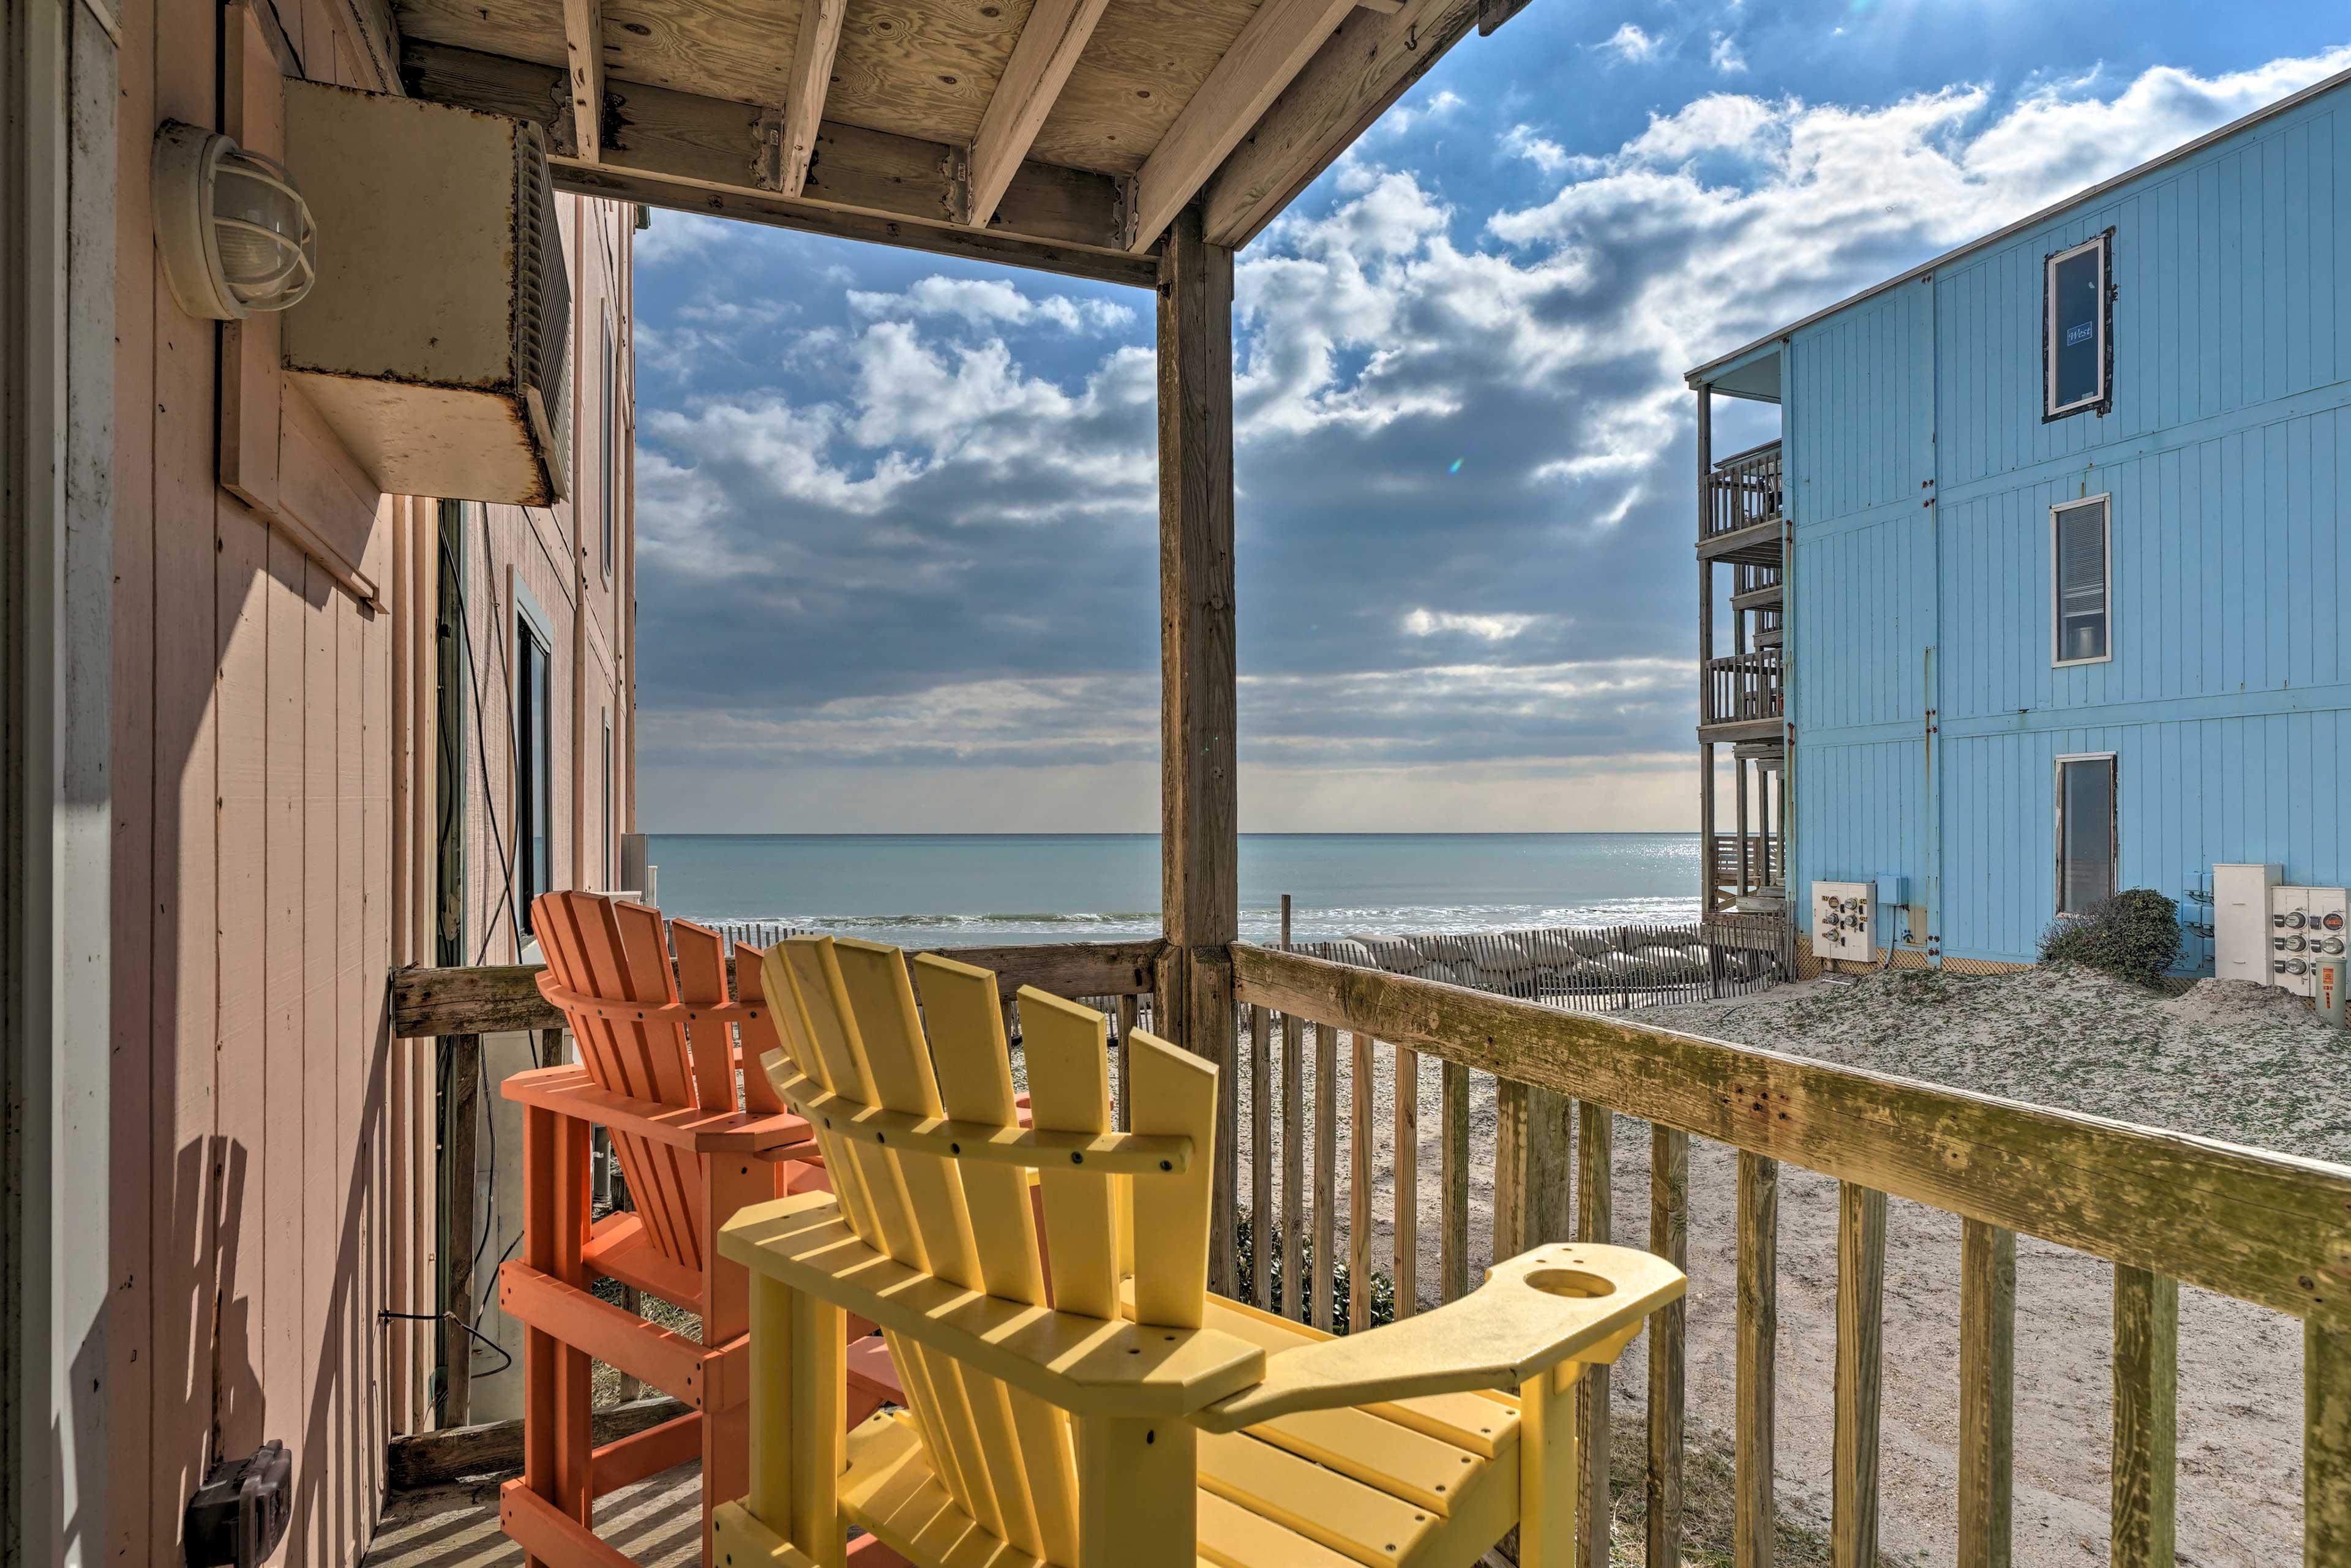 Your North Carolina getaway begins at this vacation rental!